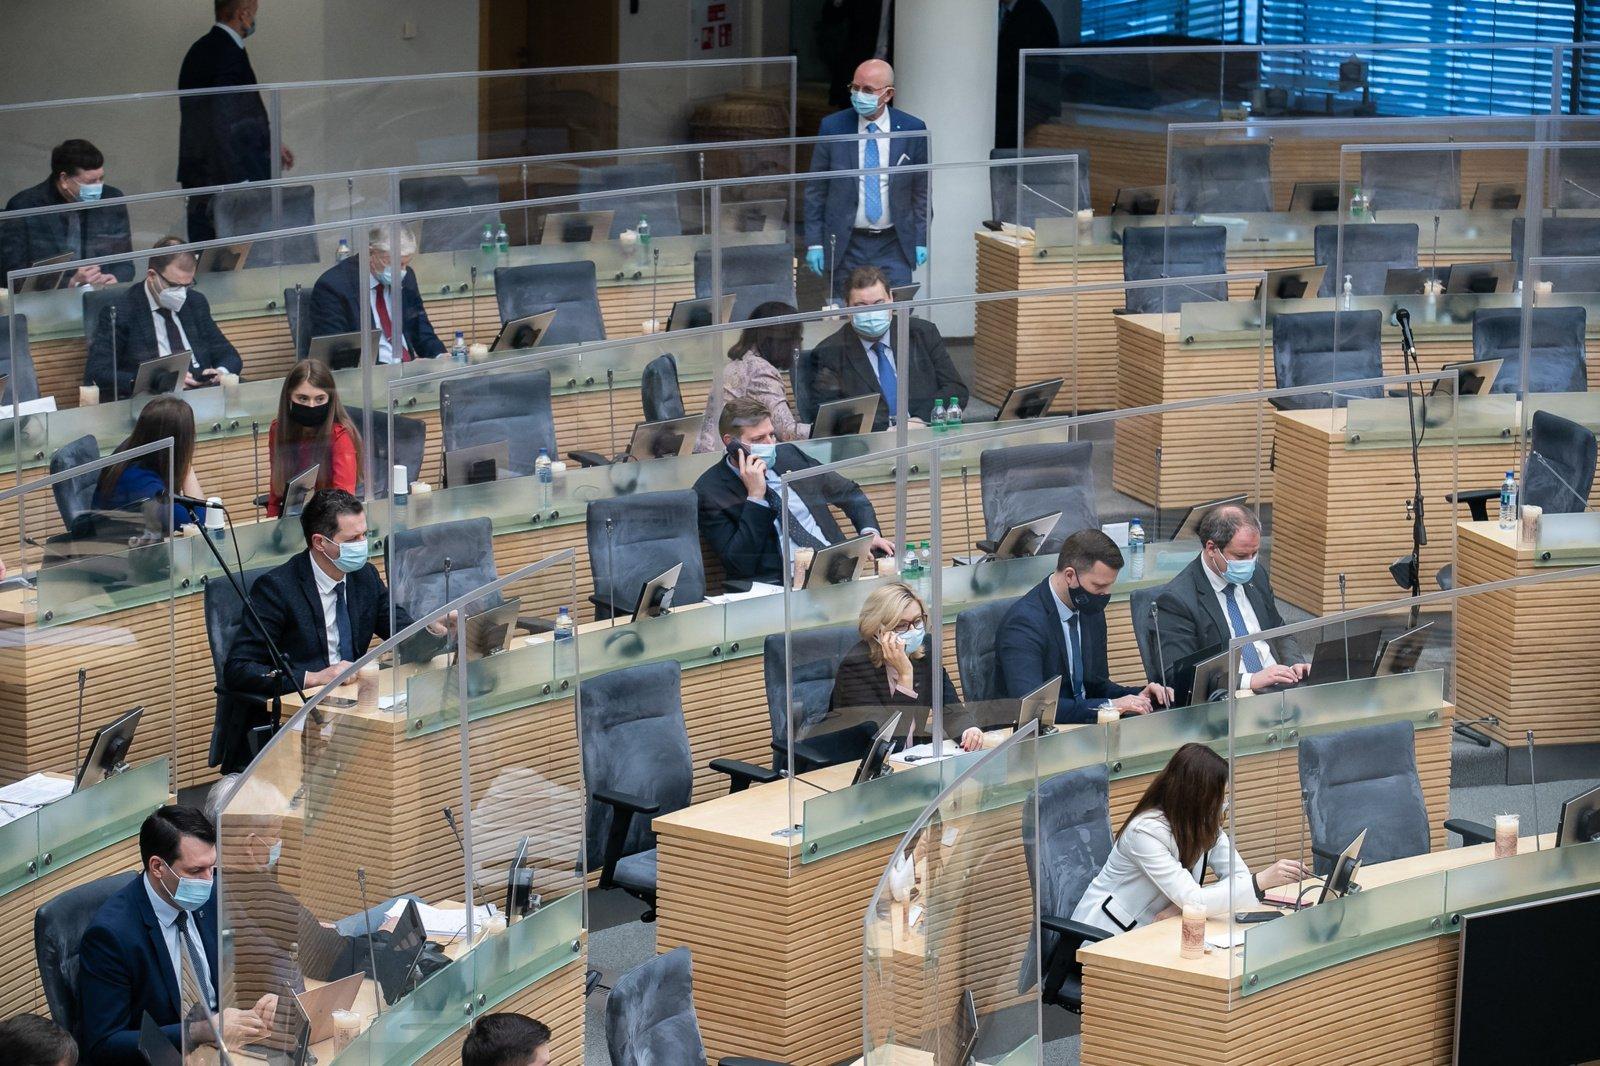 Naujas siūlymas dėl karantino: po keturių mėnesių dėl pratęsimo spręstų Seimas